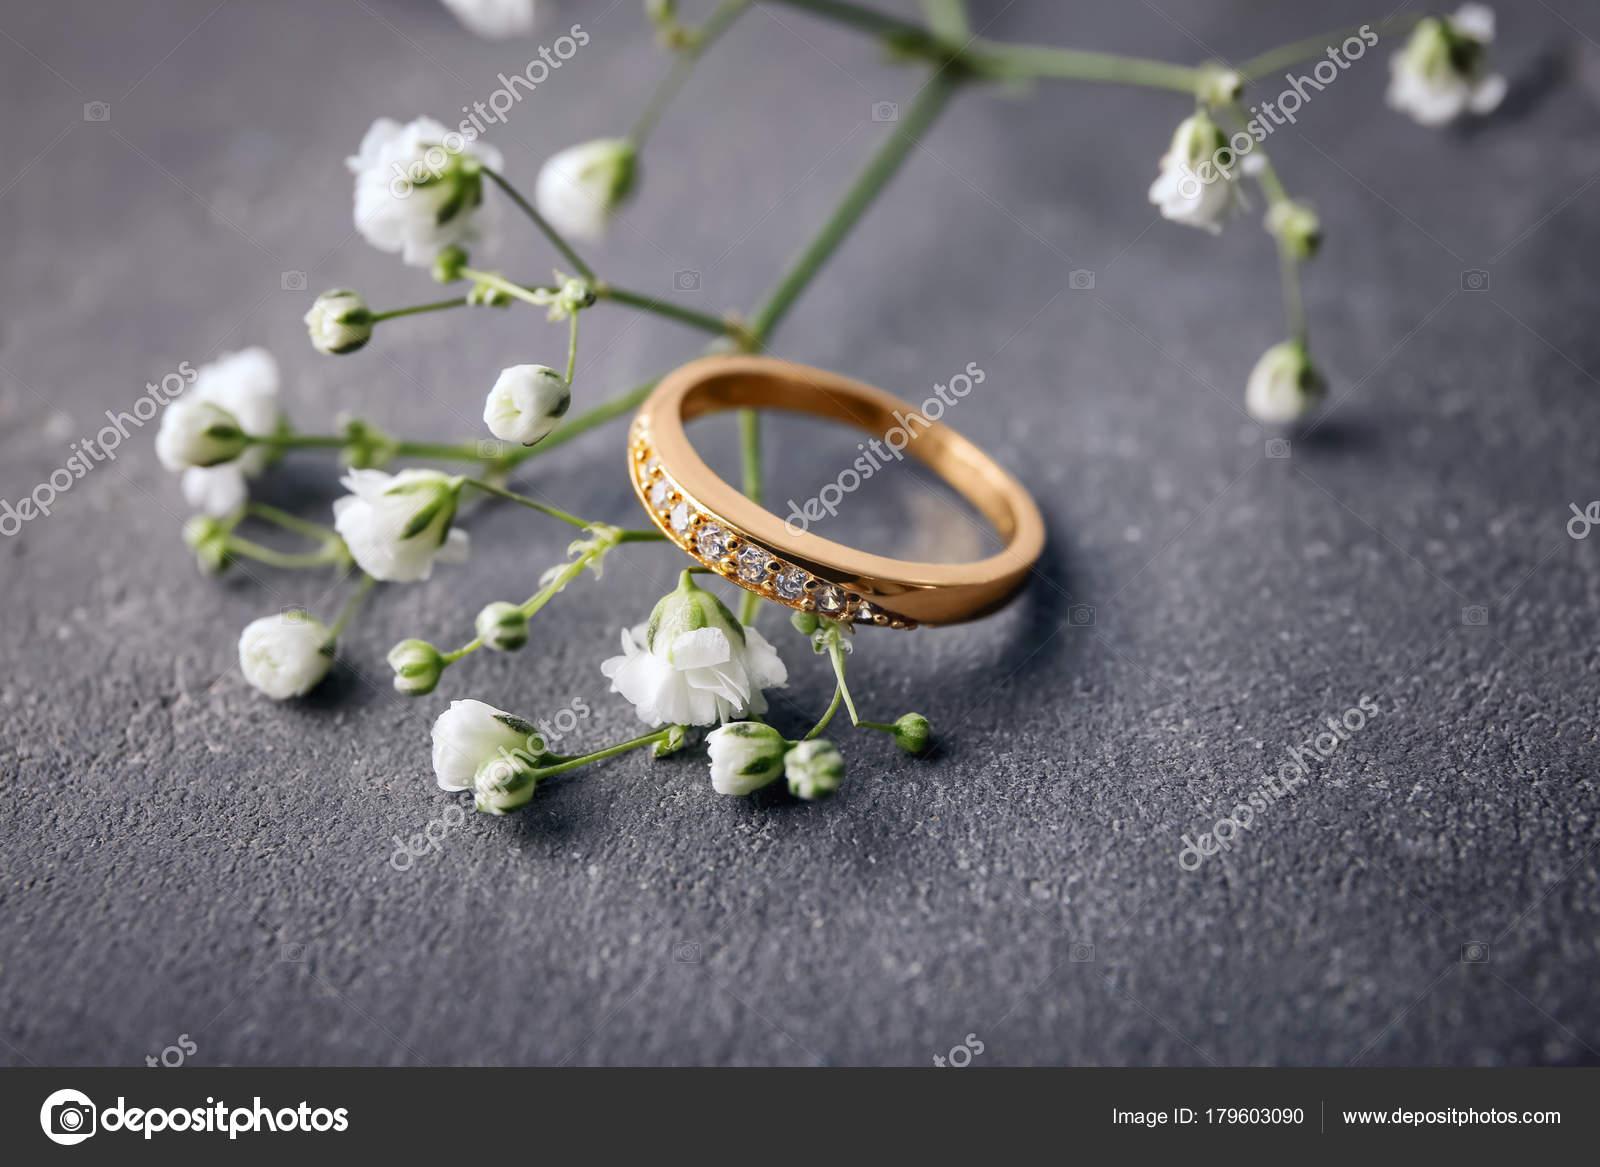 Krasny Zasnubni Prsten A Kvetiny Na Stole Sede Closeup Stock